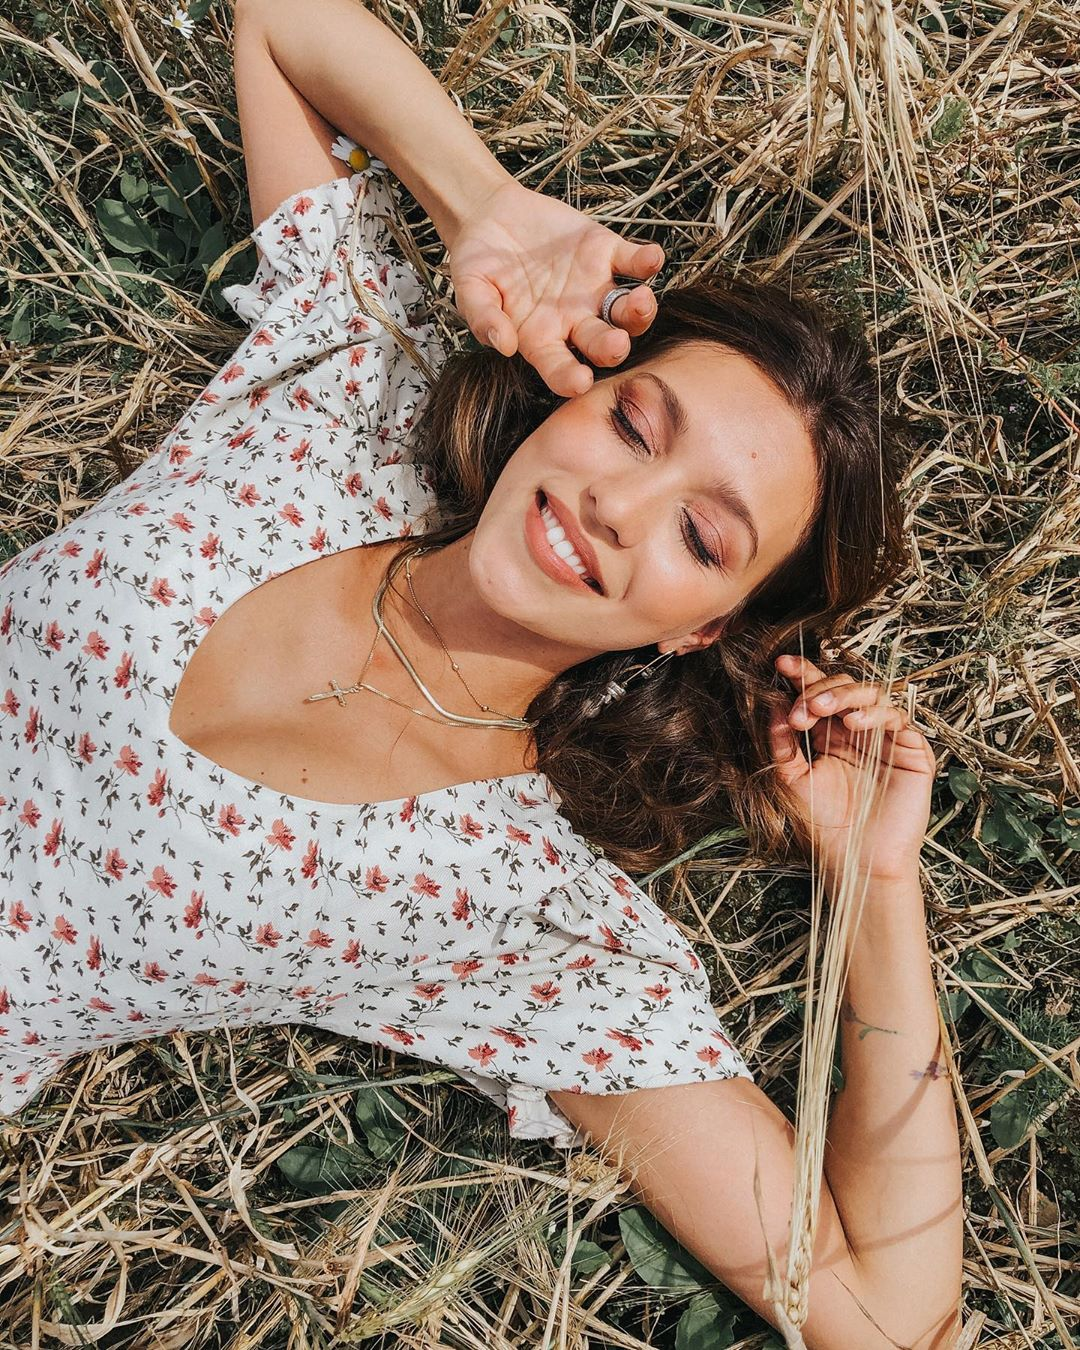 Нежно и романтично: Регина Тодоренко заворожила атмосферным фотосетом в поле